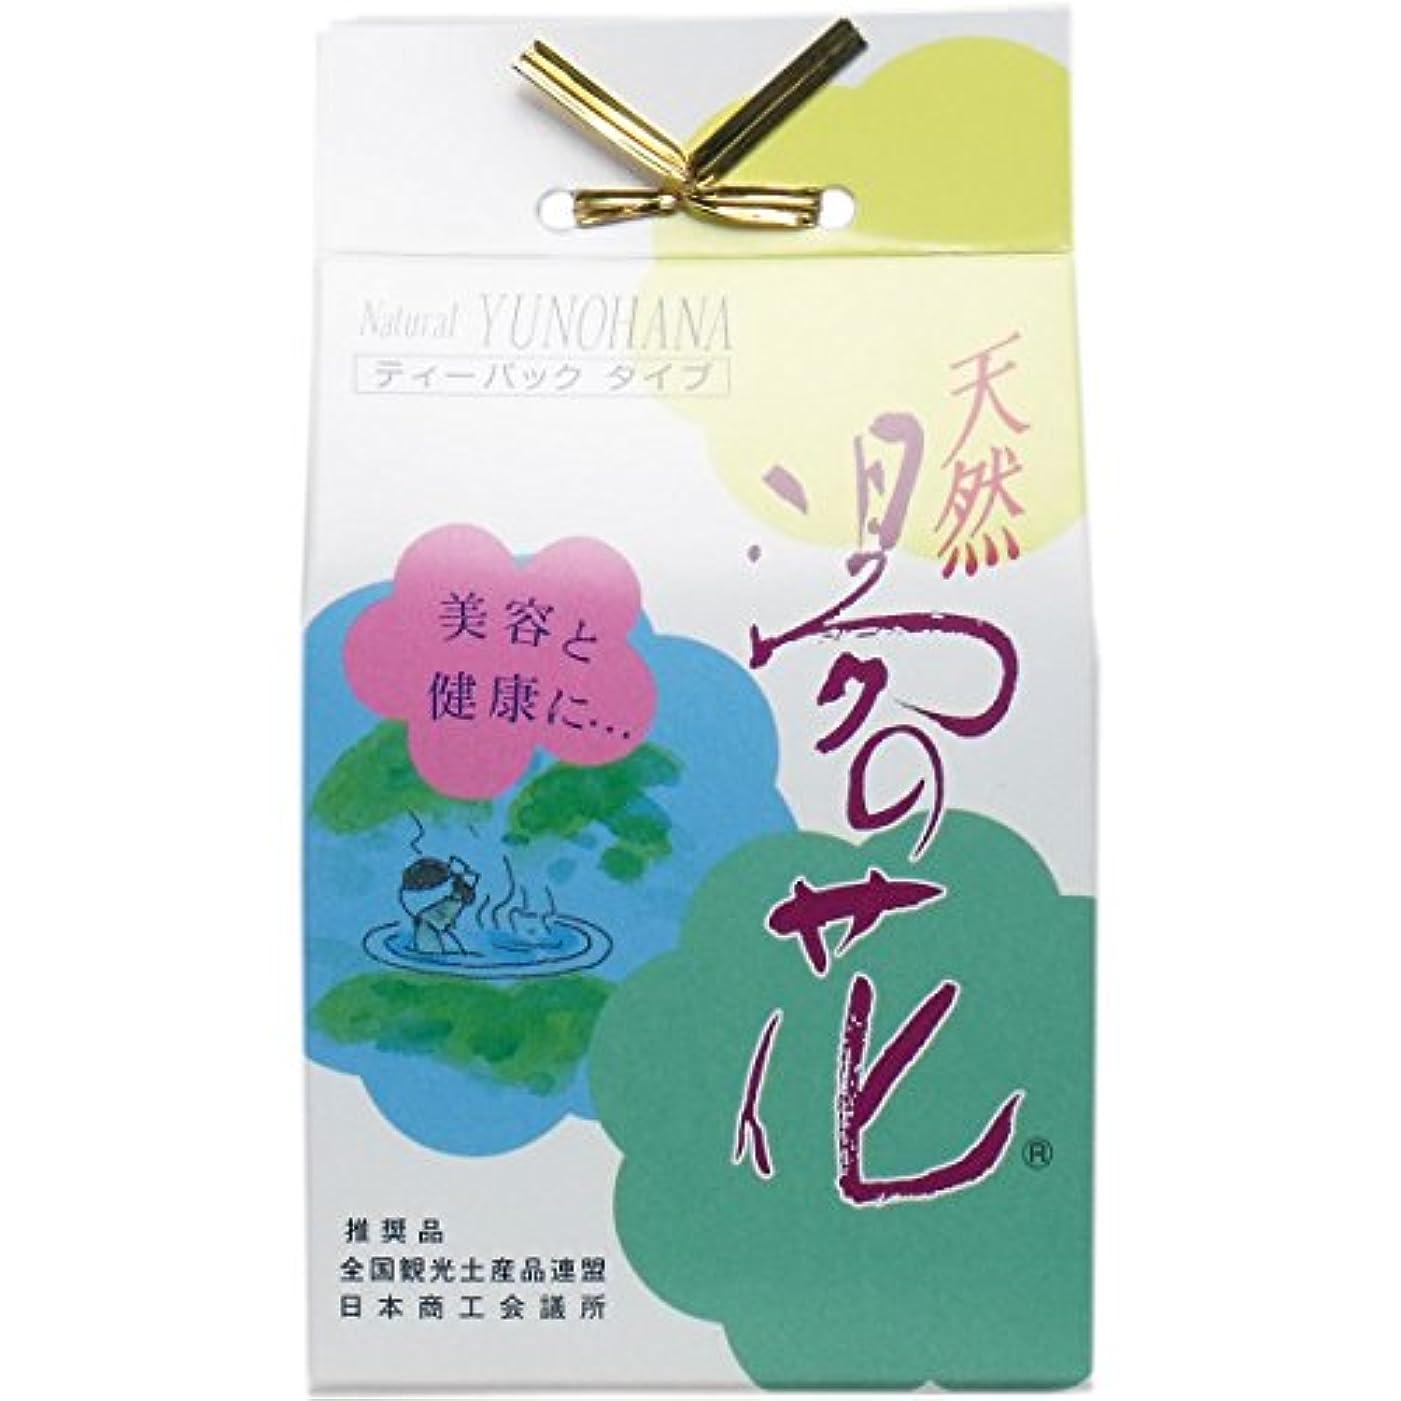 罪エッセイ漏斗天然湯の花 KTS (15g × 3包)